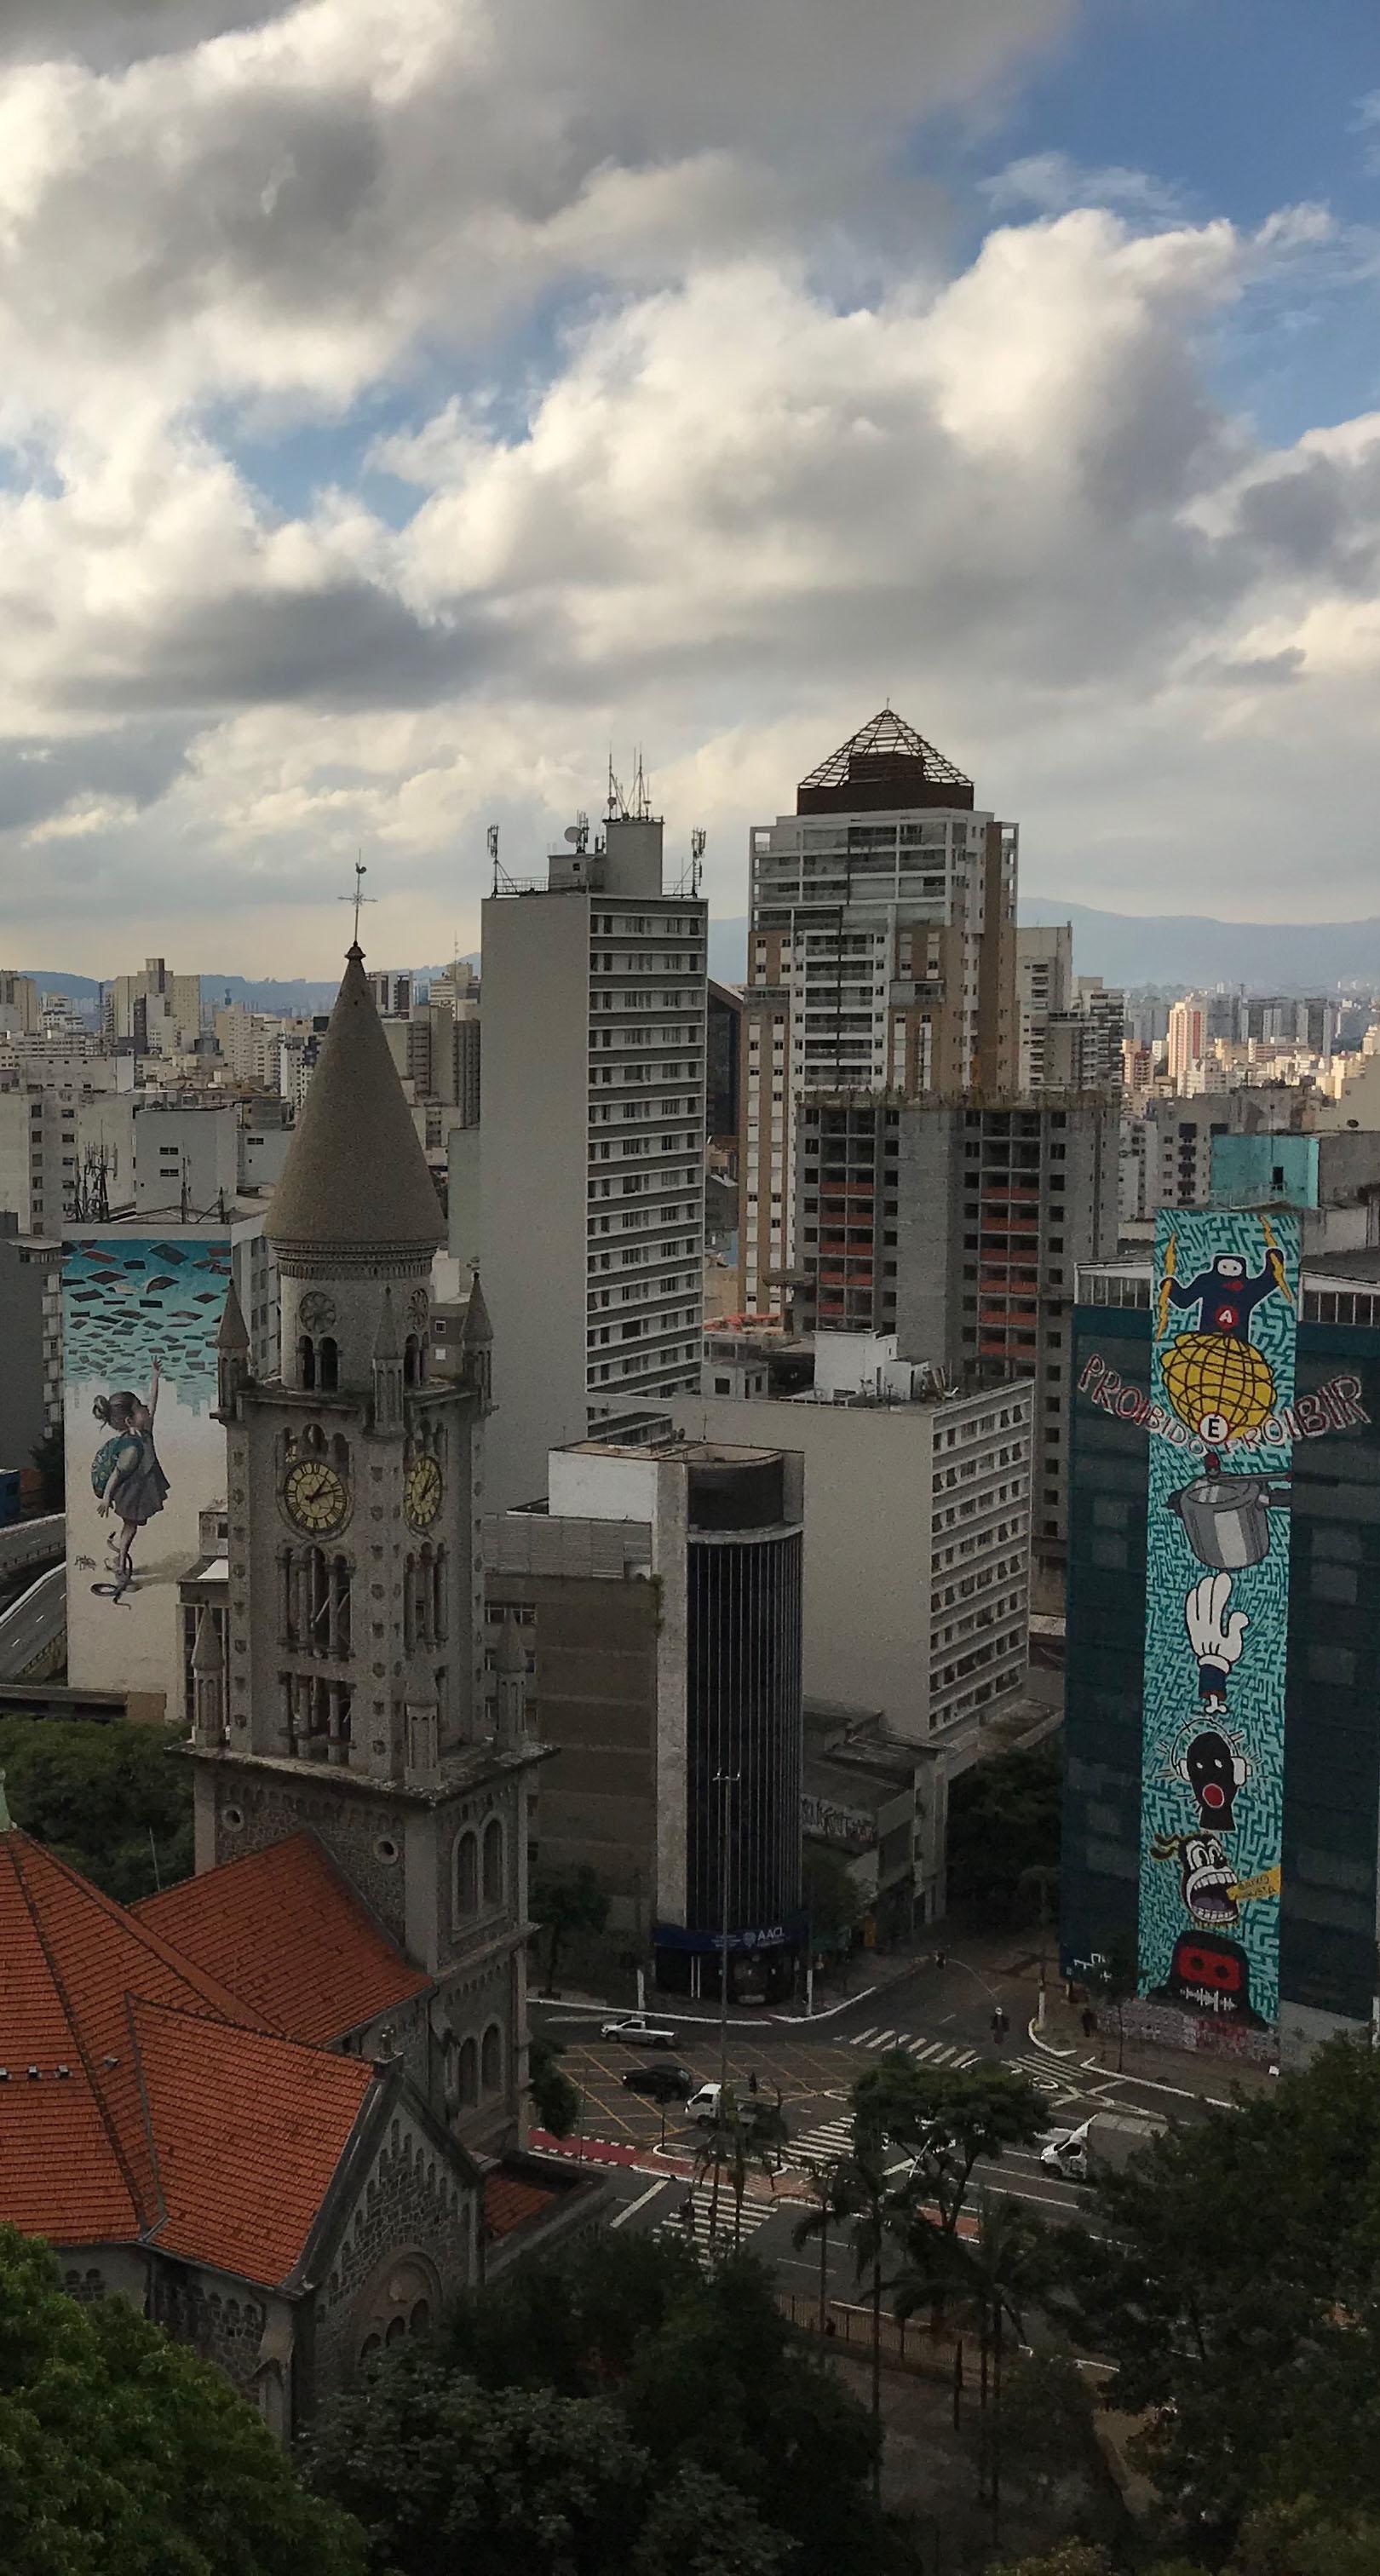 A pandemia e a cidade de São Paulo: Impactos no comportamento e expectativas para o futuro